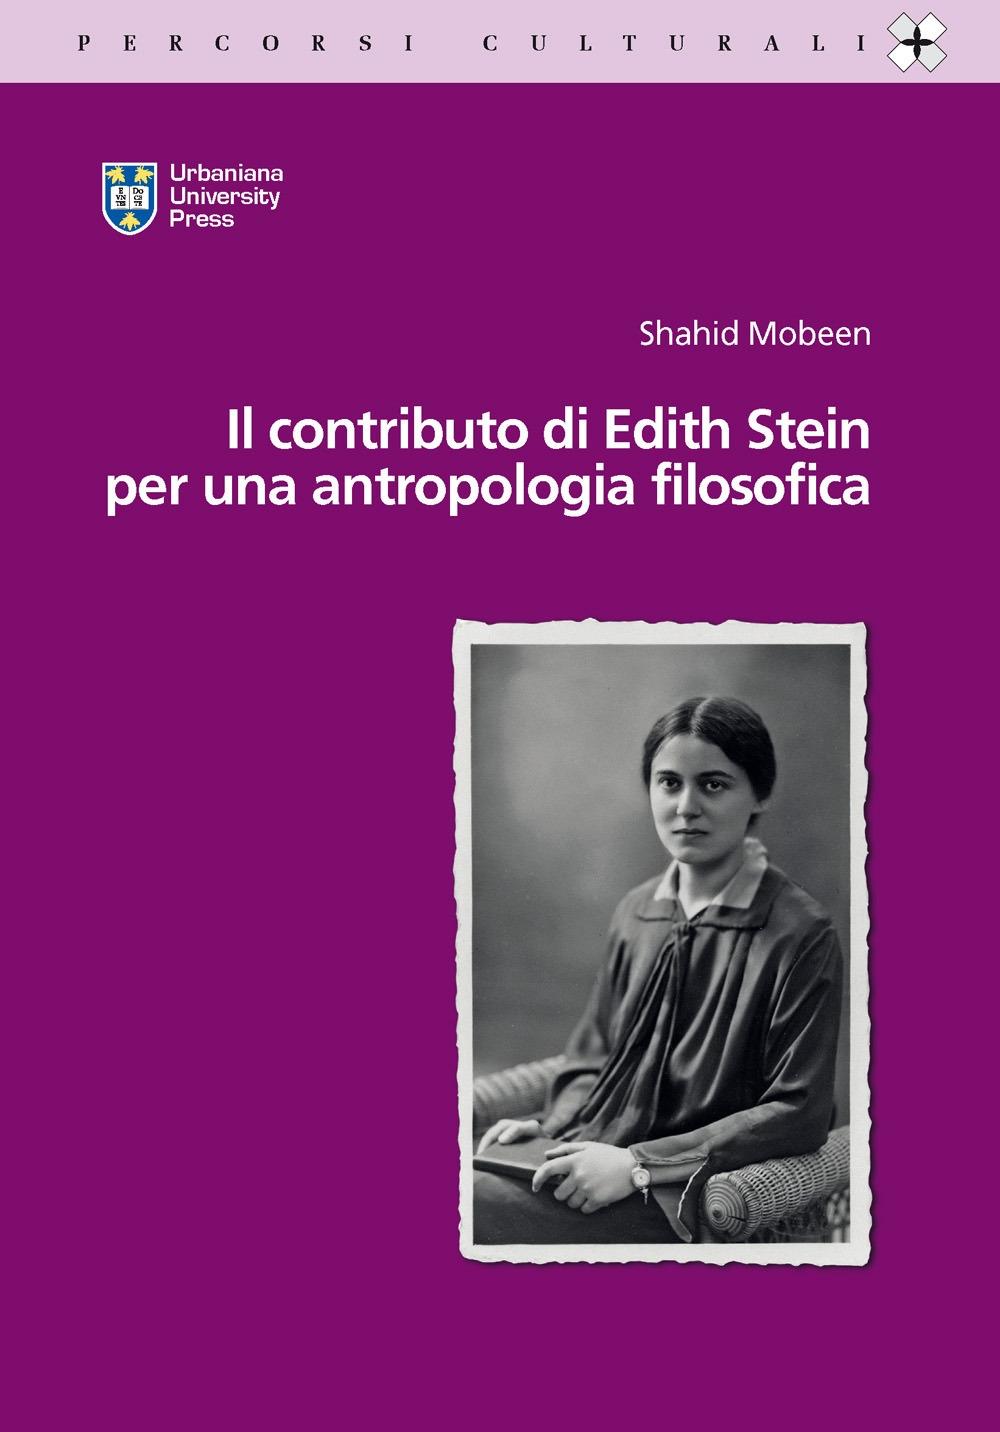 Il contributo di Edith Stein per una antropologia filosofica.